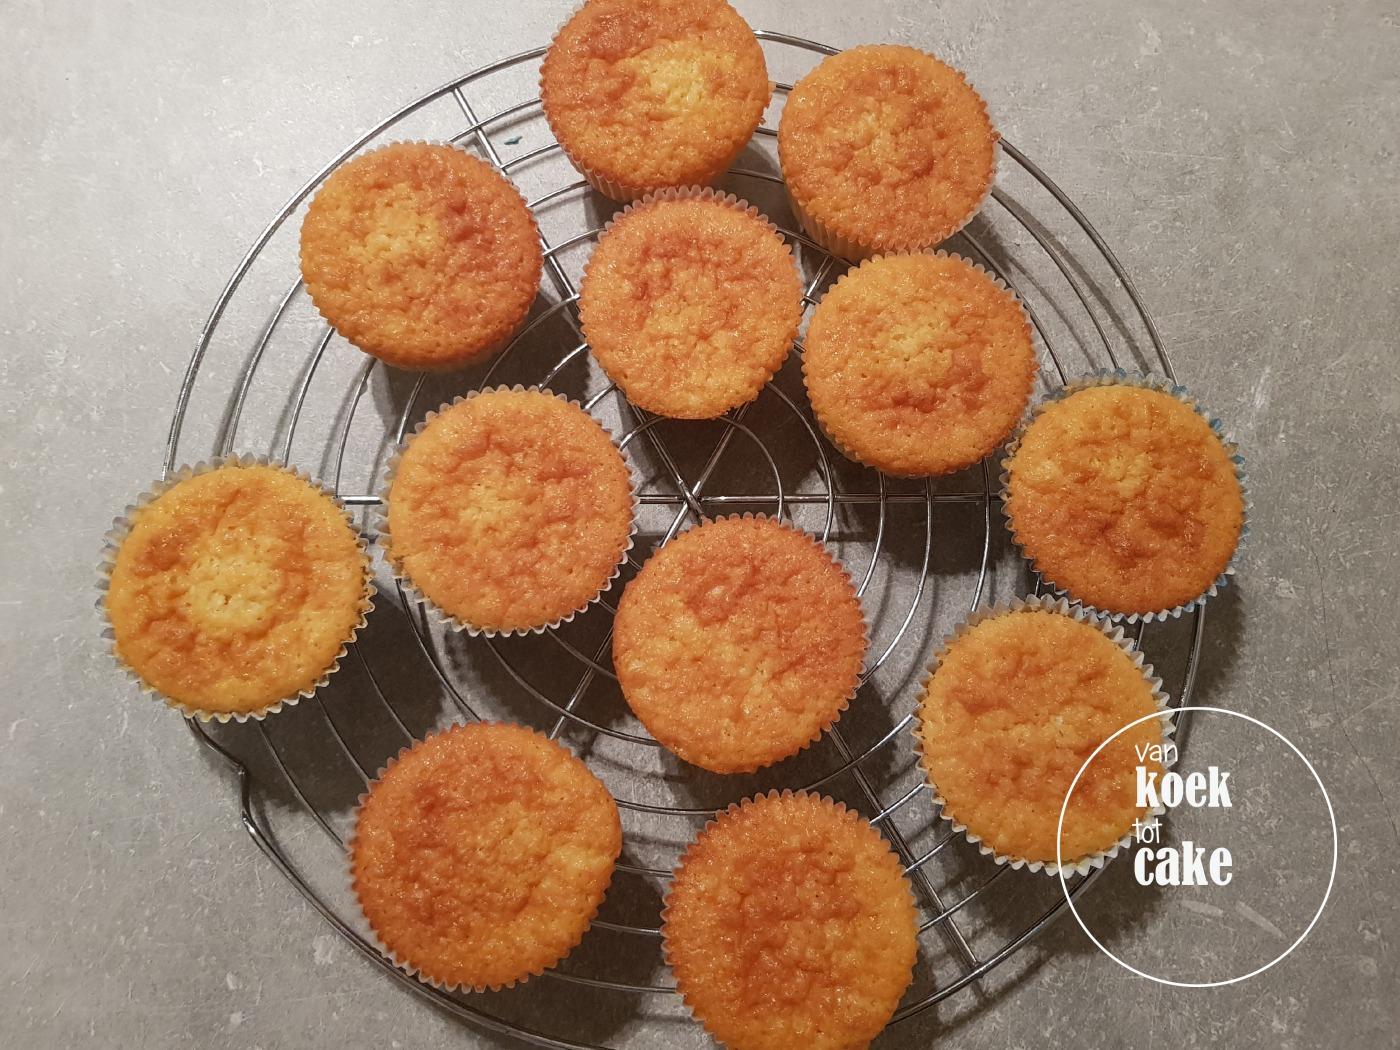 recept van koek tot cake vanille cupcakes